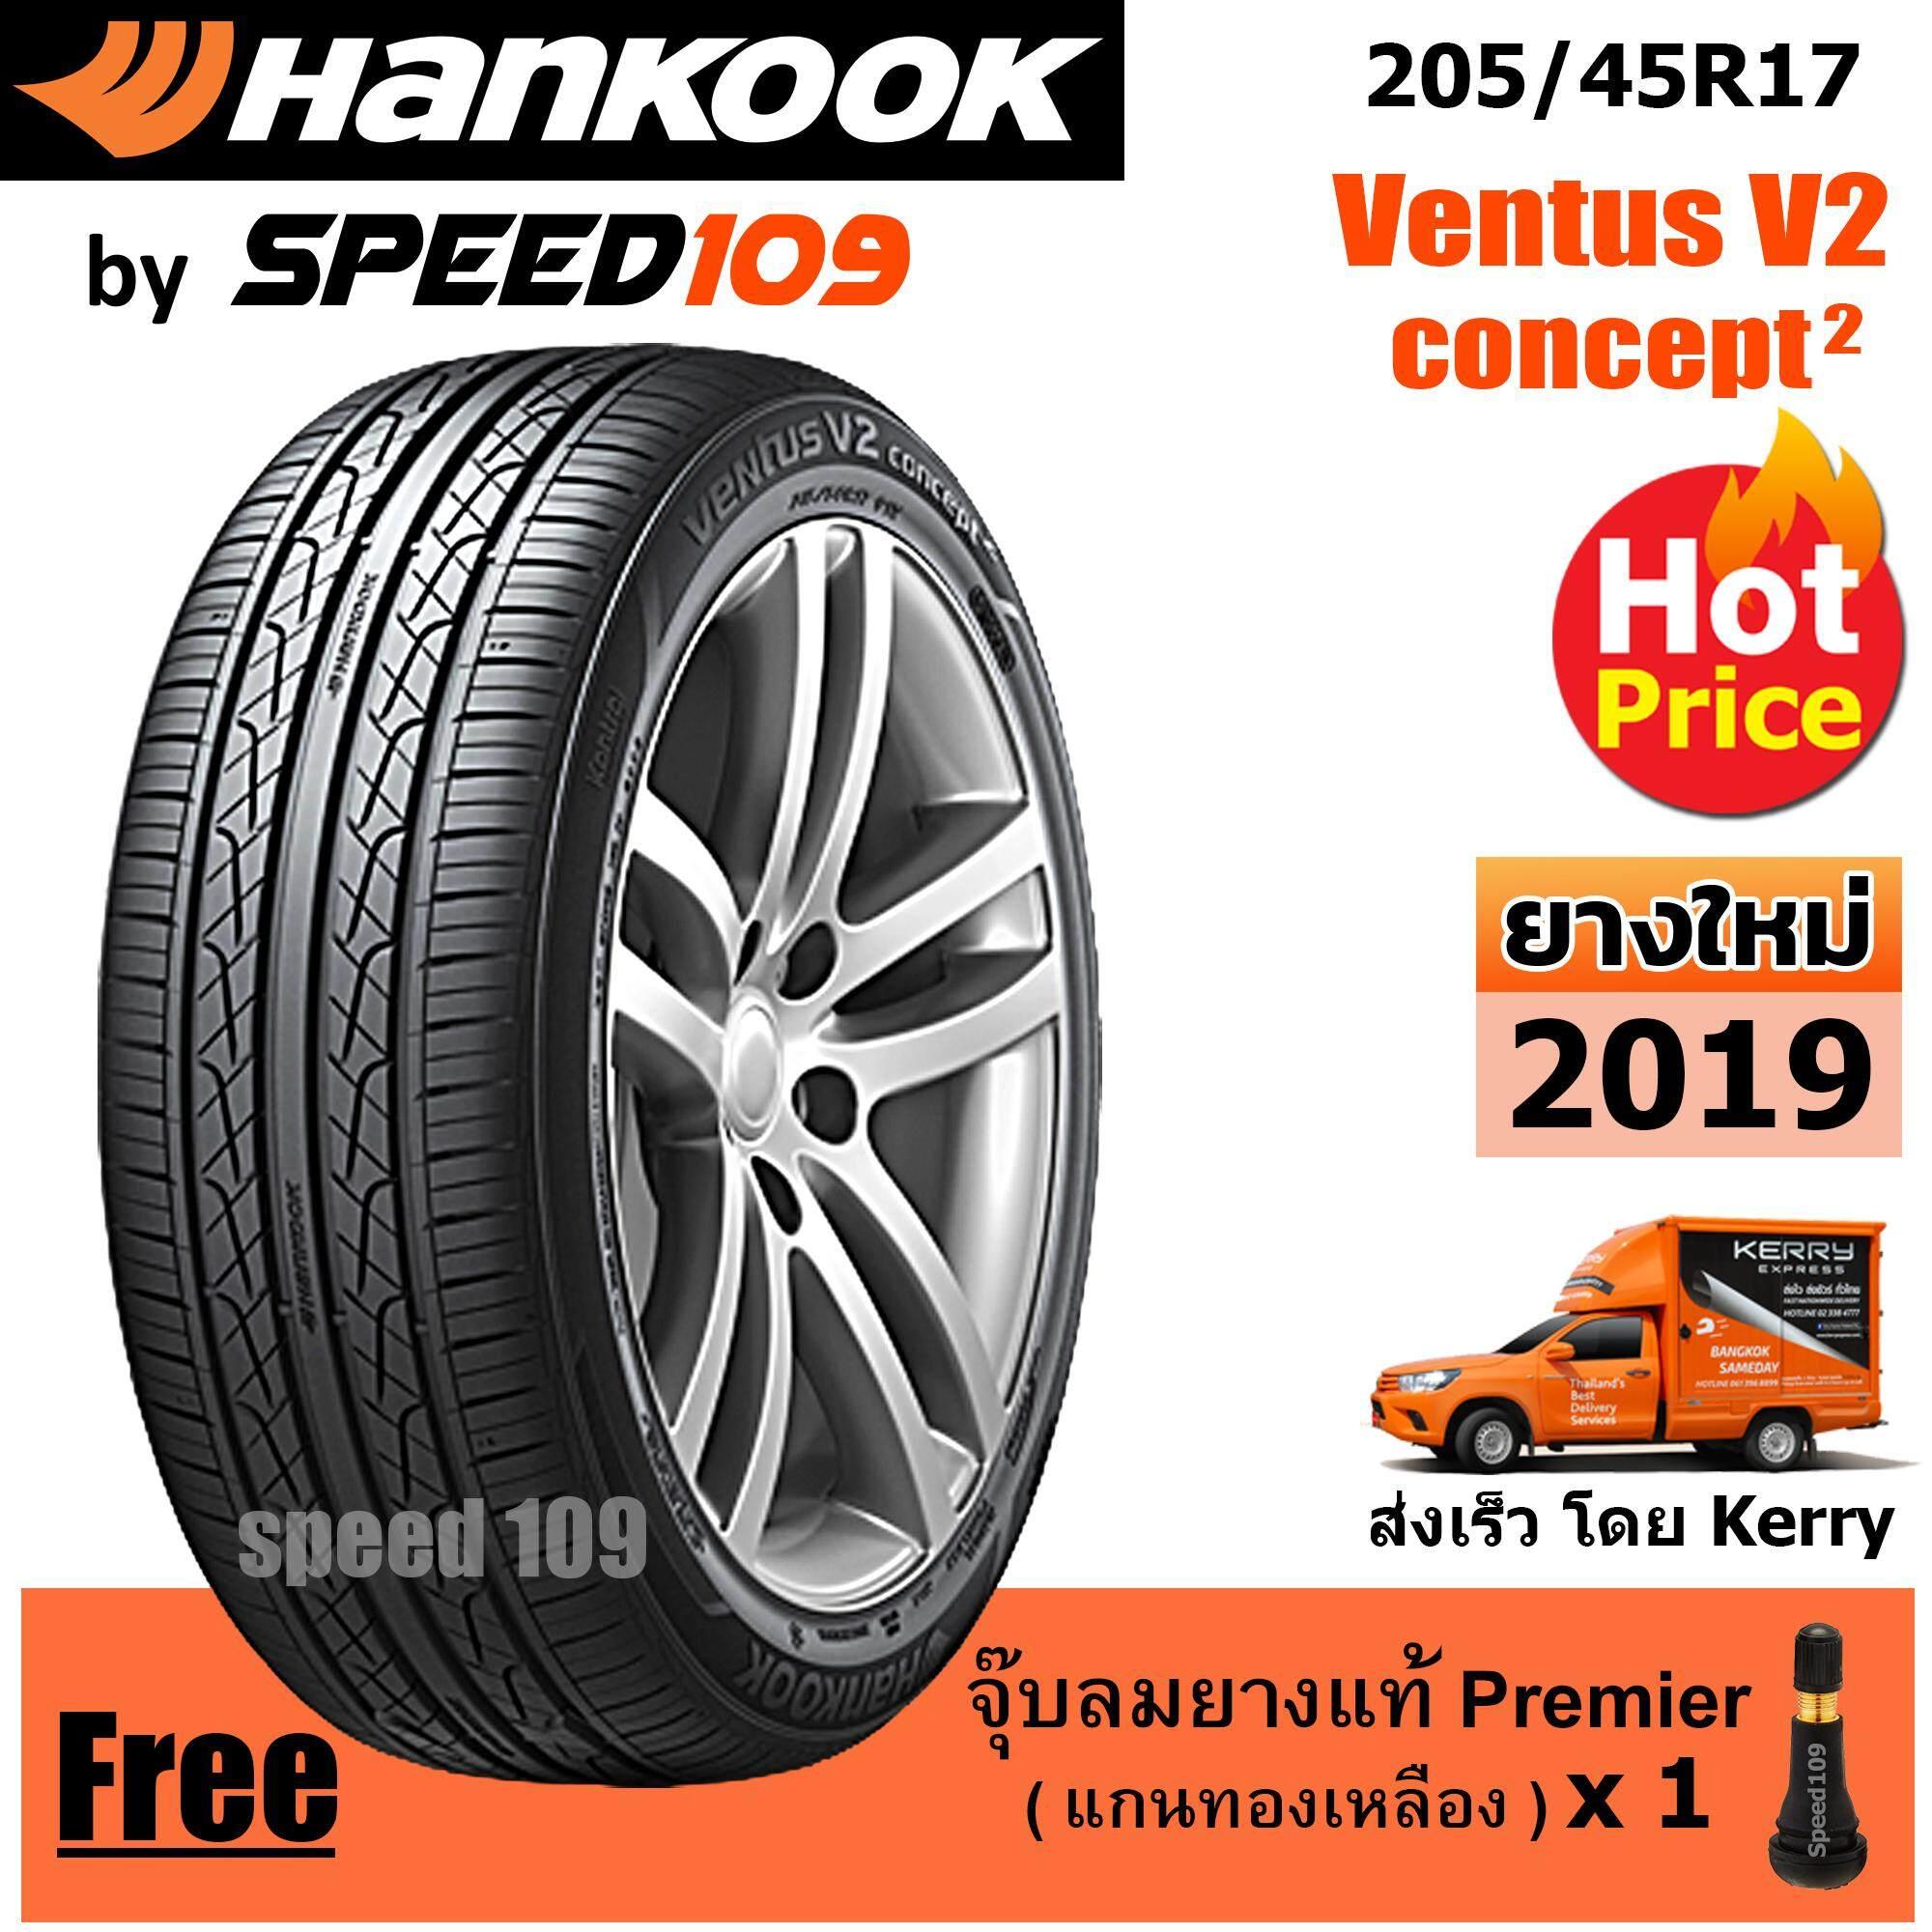 ประกันภัย รถยนต์ 2+ ภูเก็ต HANKOOK ยางรถยนต์ ขอบ 17 ขนาด 205/45R17 รุ่น Ventus V2 Concept2 - 1 เส้น (ปี 2019)